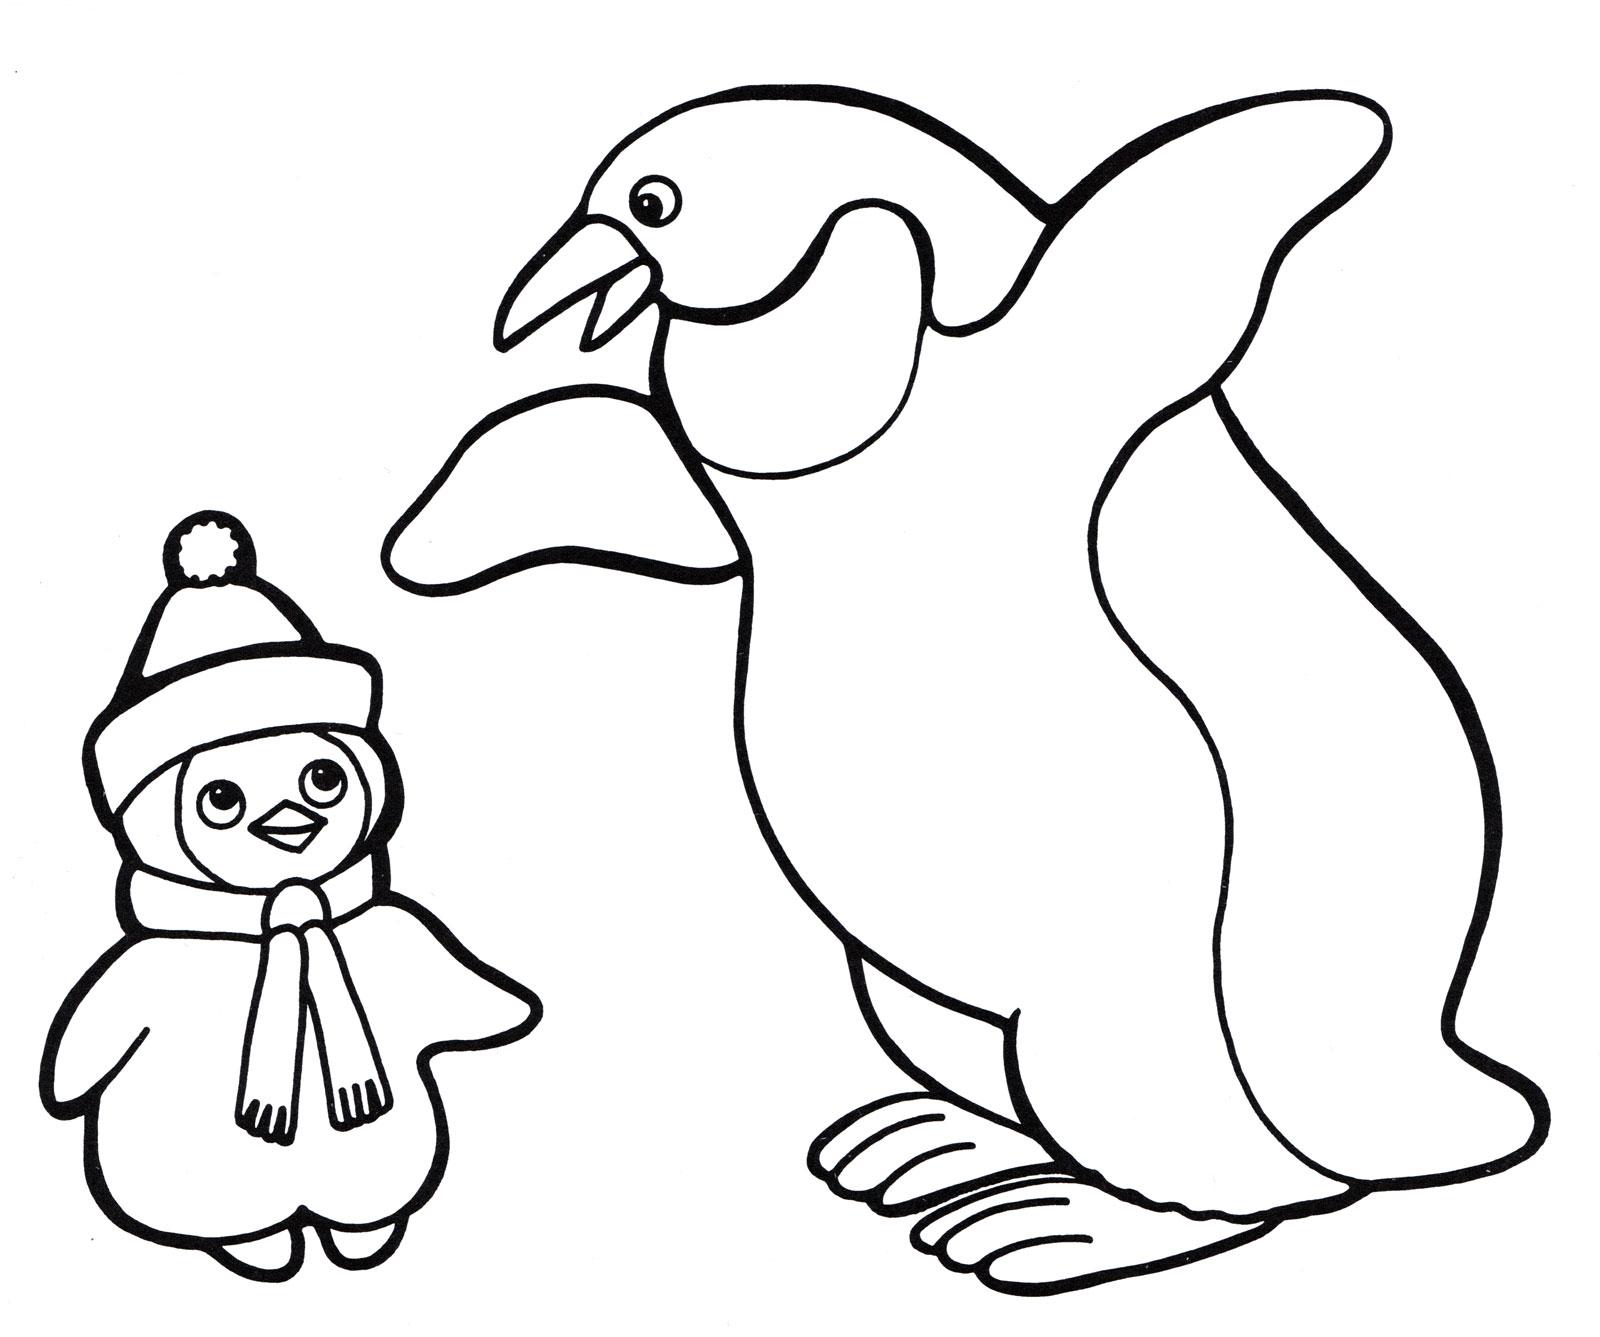 Картинки пингвина для раскрашивания